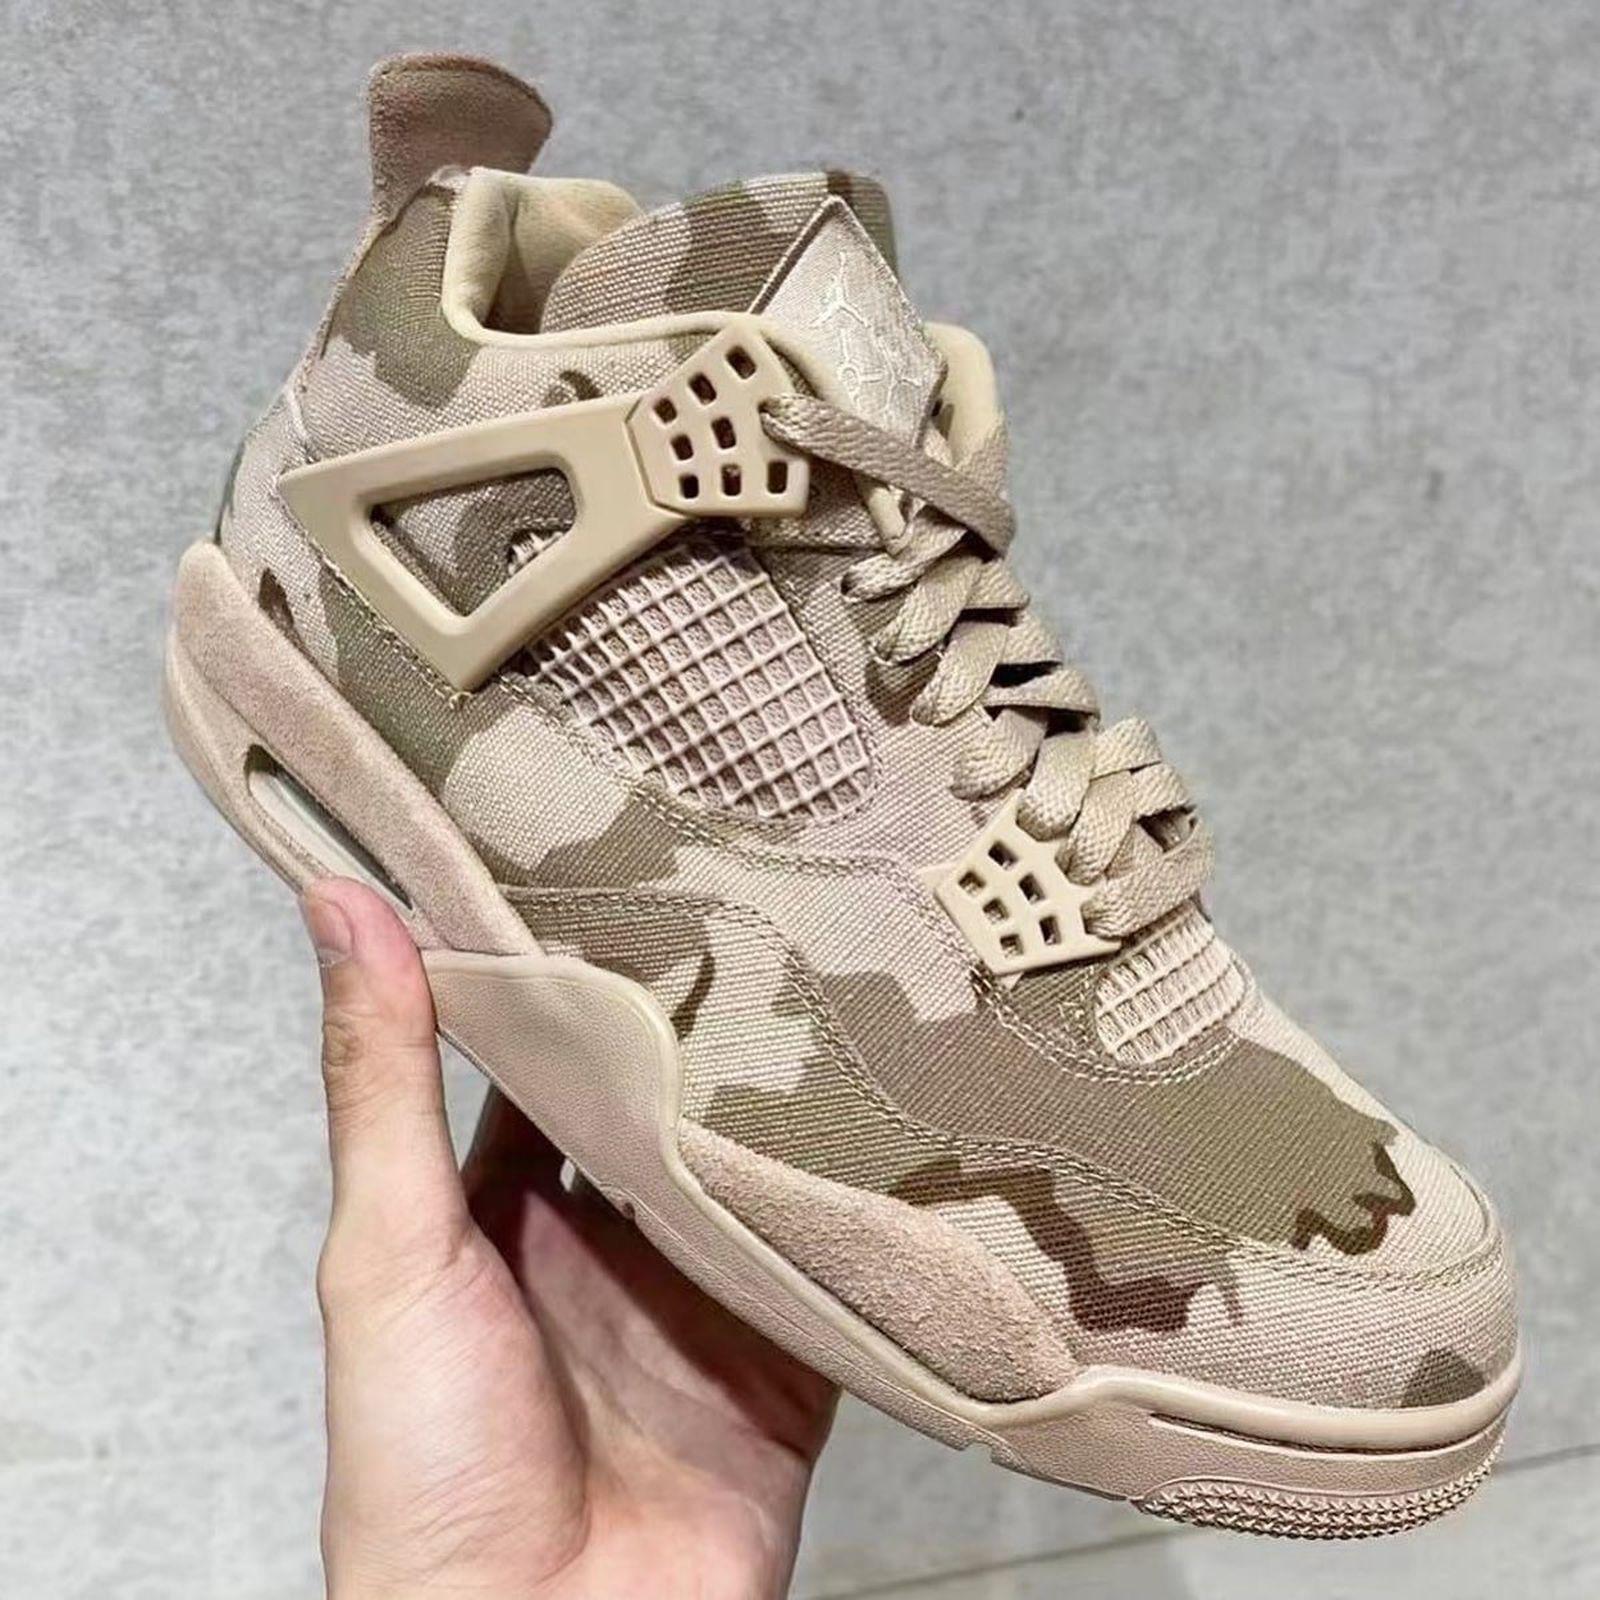 Aleali-May-x-Air-Jordan-4-2-1